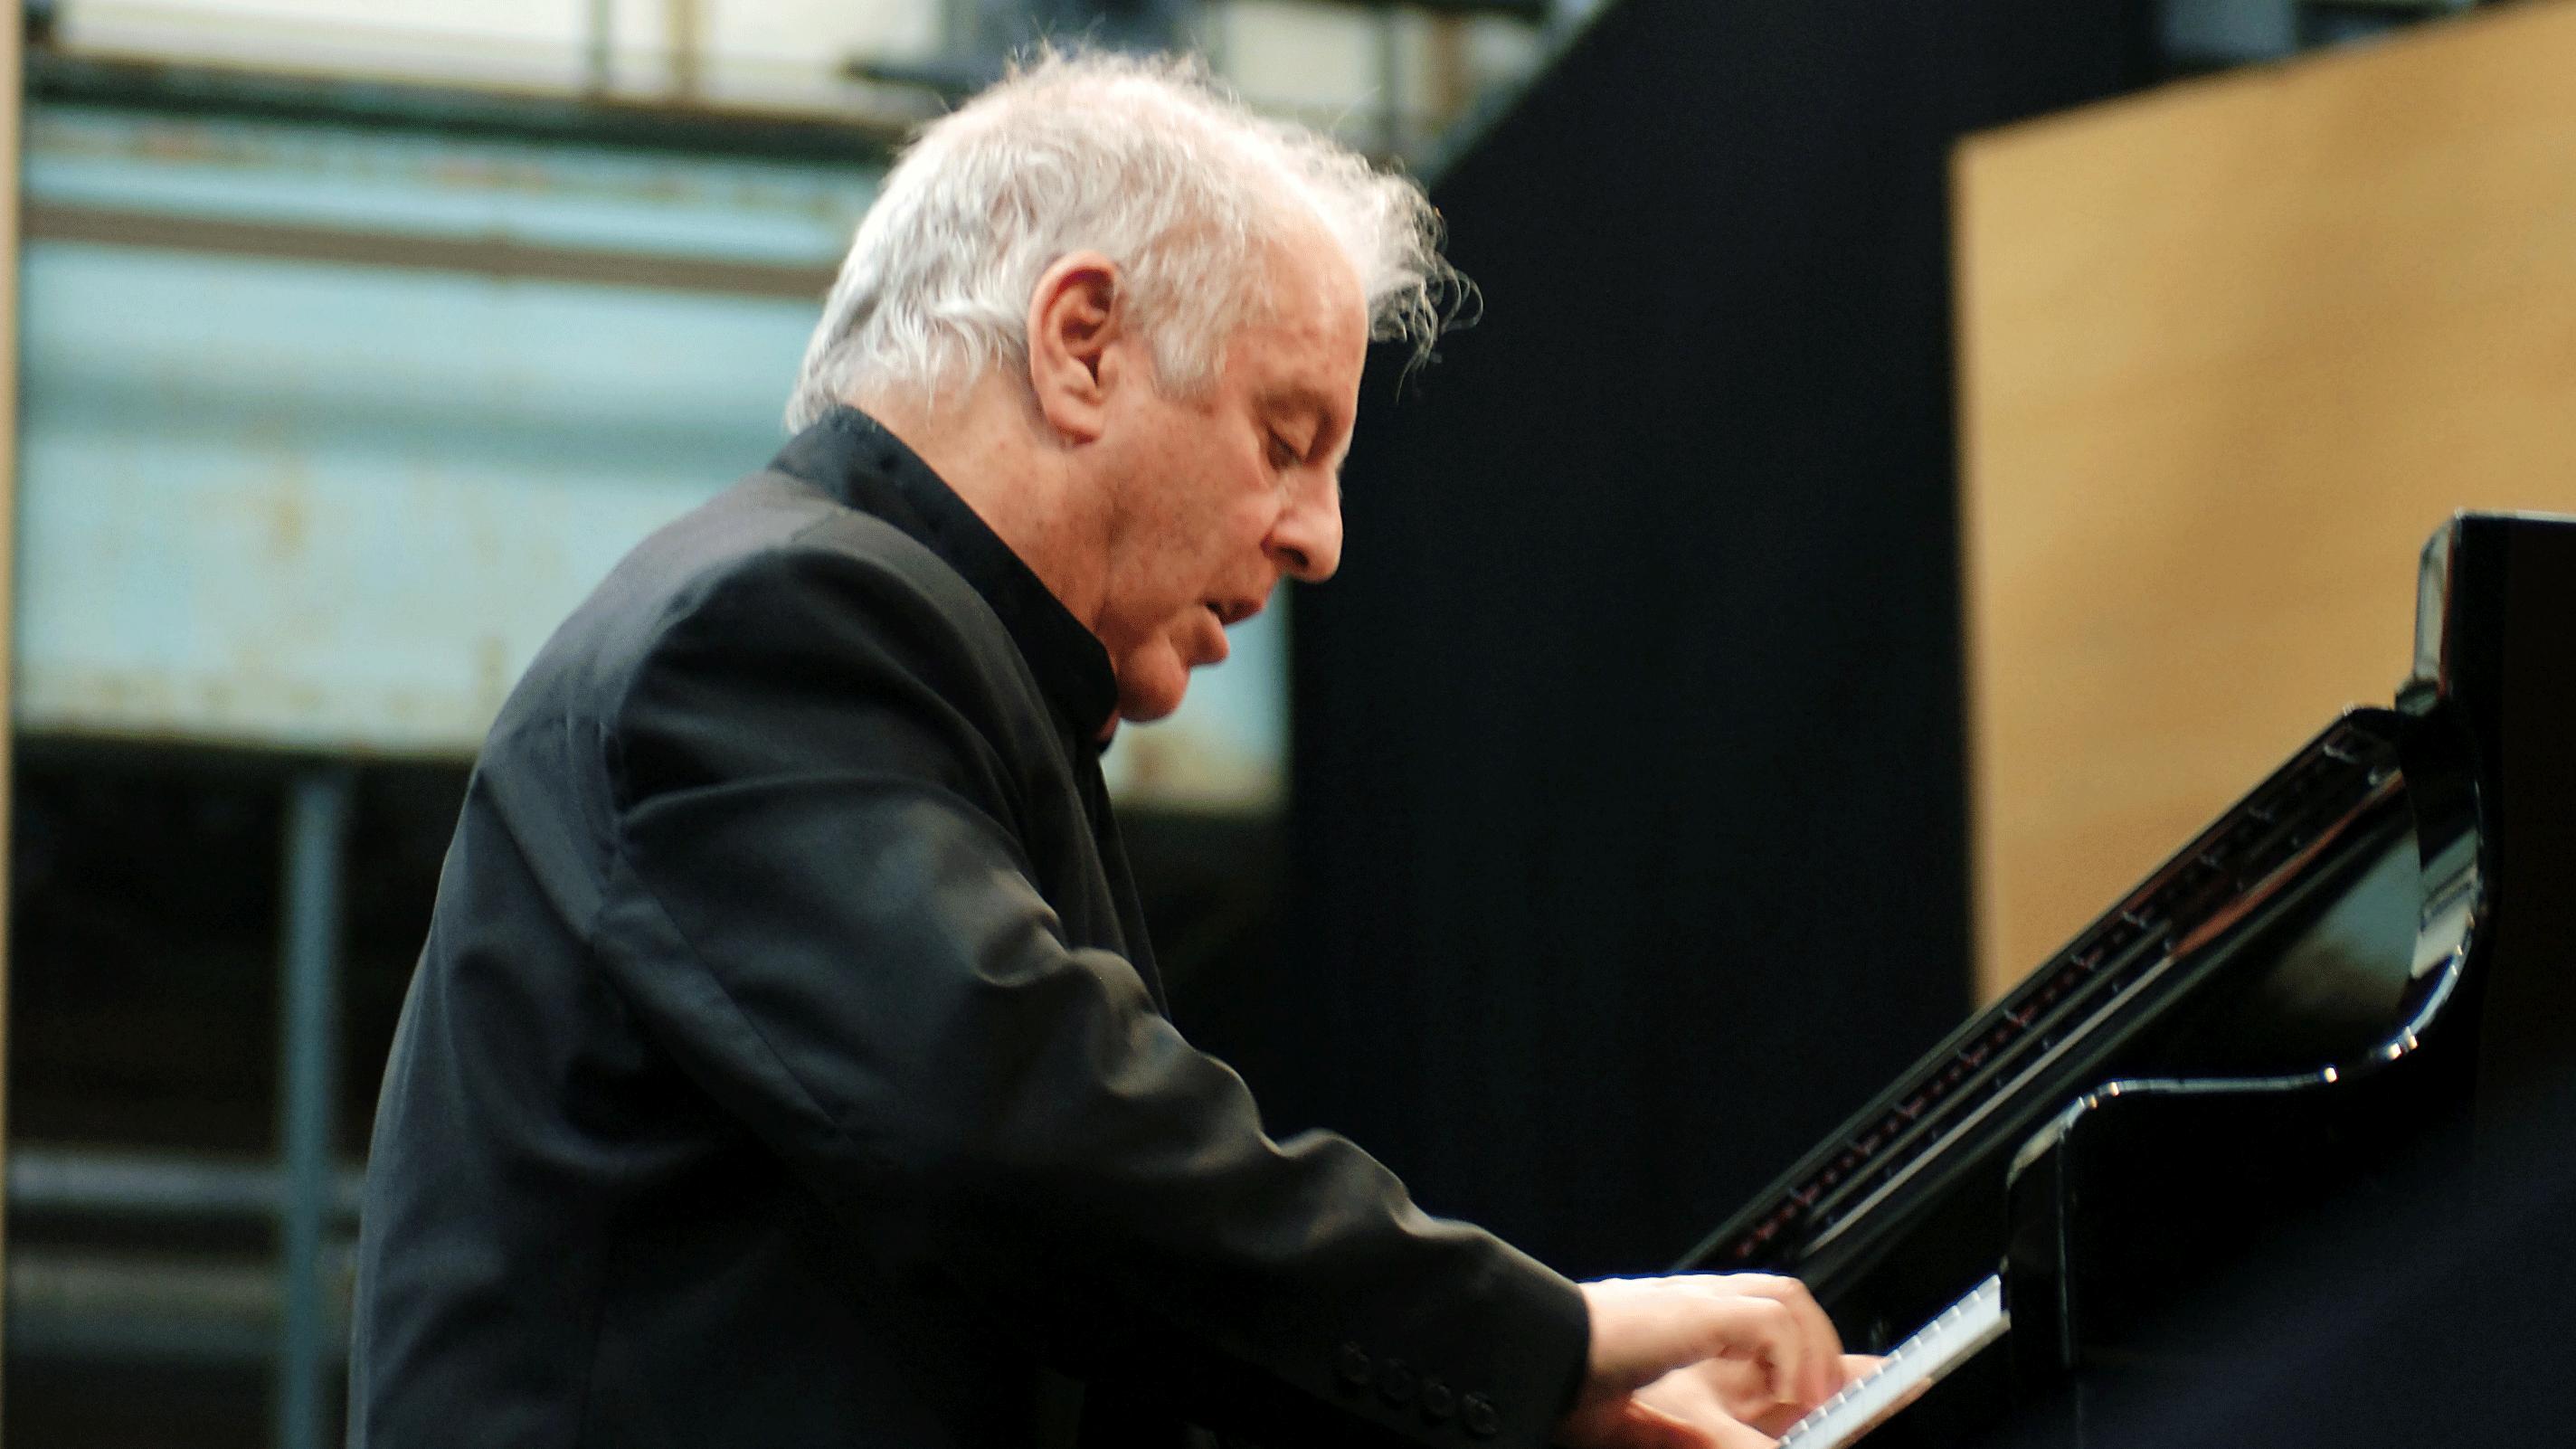 Daniel Barenboim joue et dirige le Concerto pour piano n°1 de Beethoven